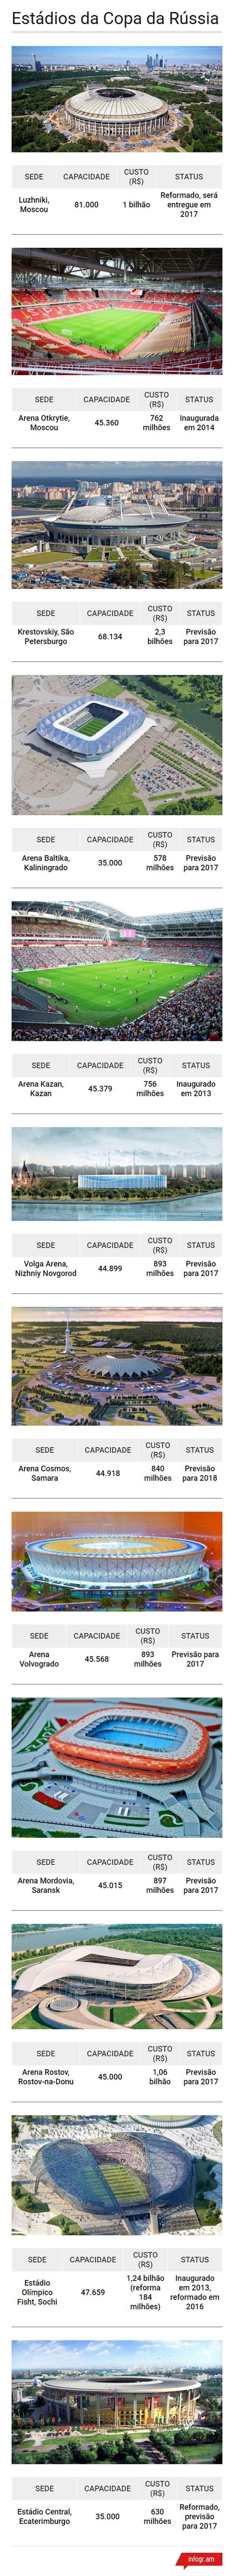 Todos os palcos da Copa do Mundo de 2018